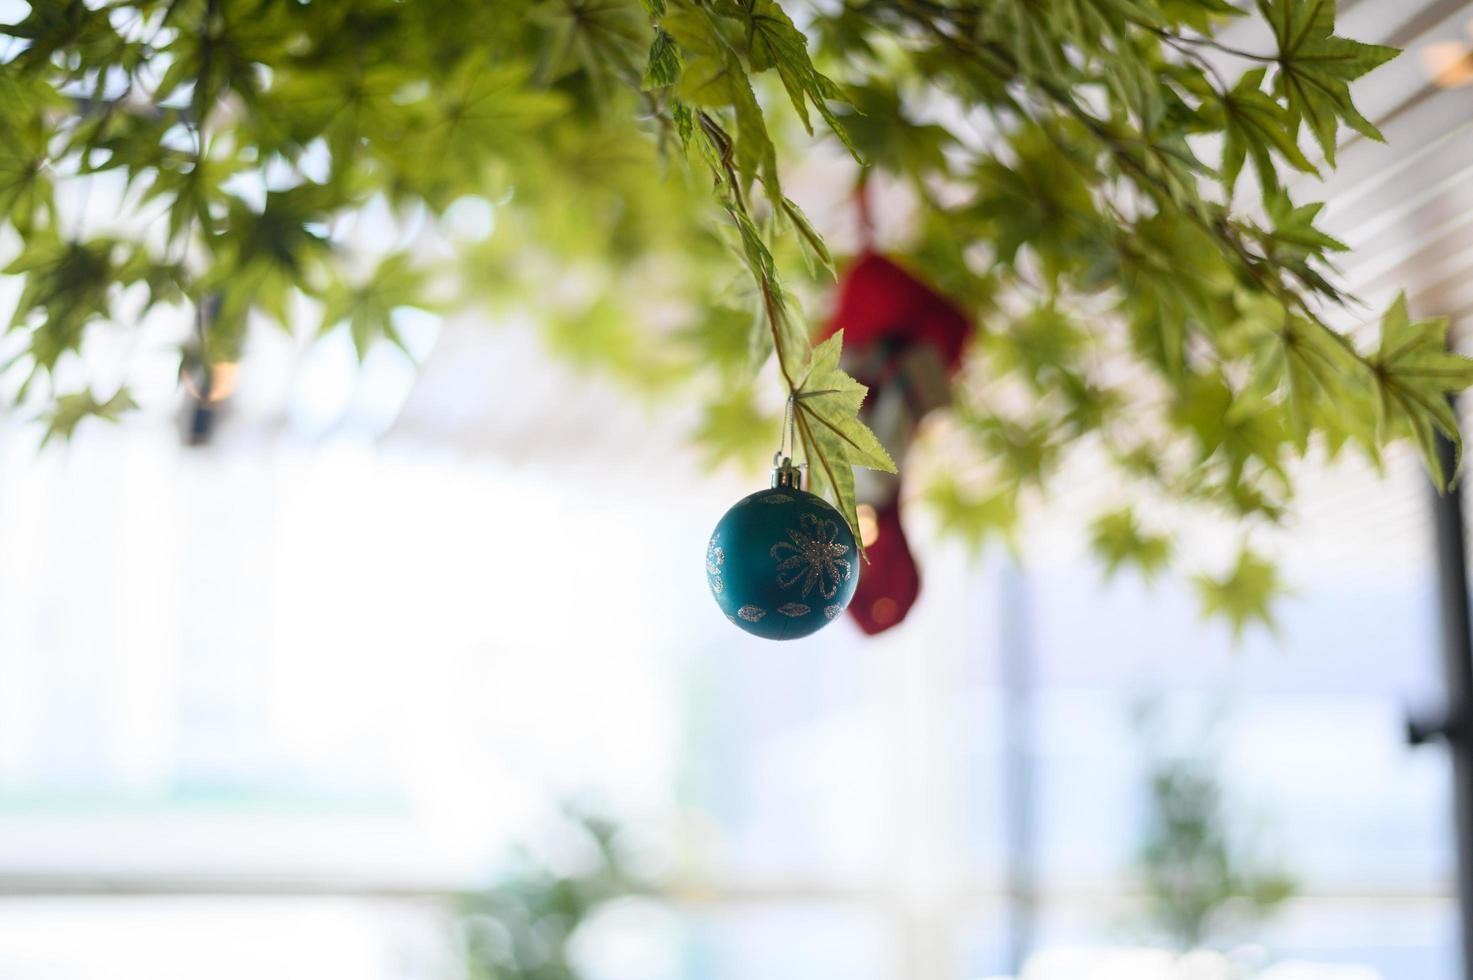 Nahaufnahme einer blauen Kugel, die vom Weihnachtsbaum hängt foto